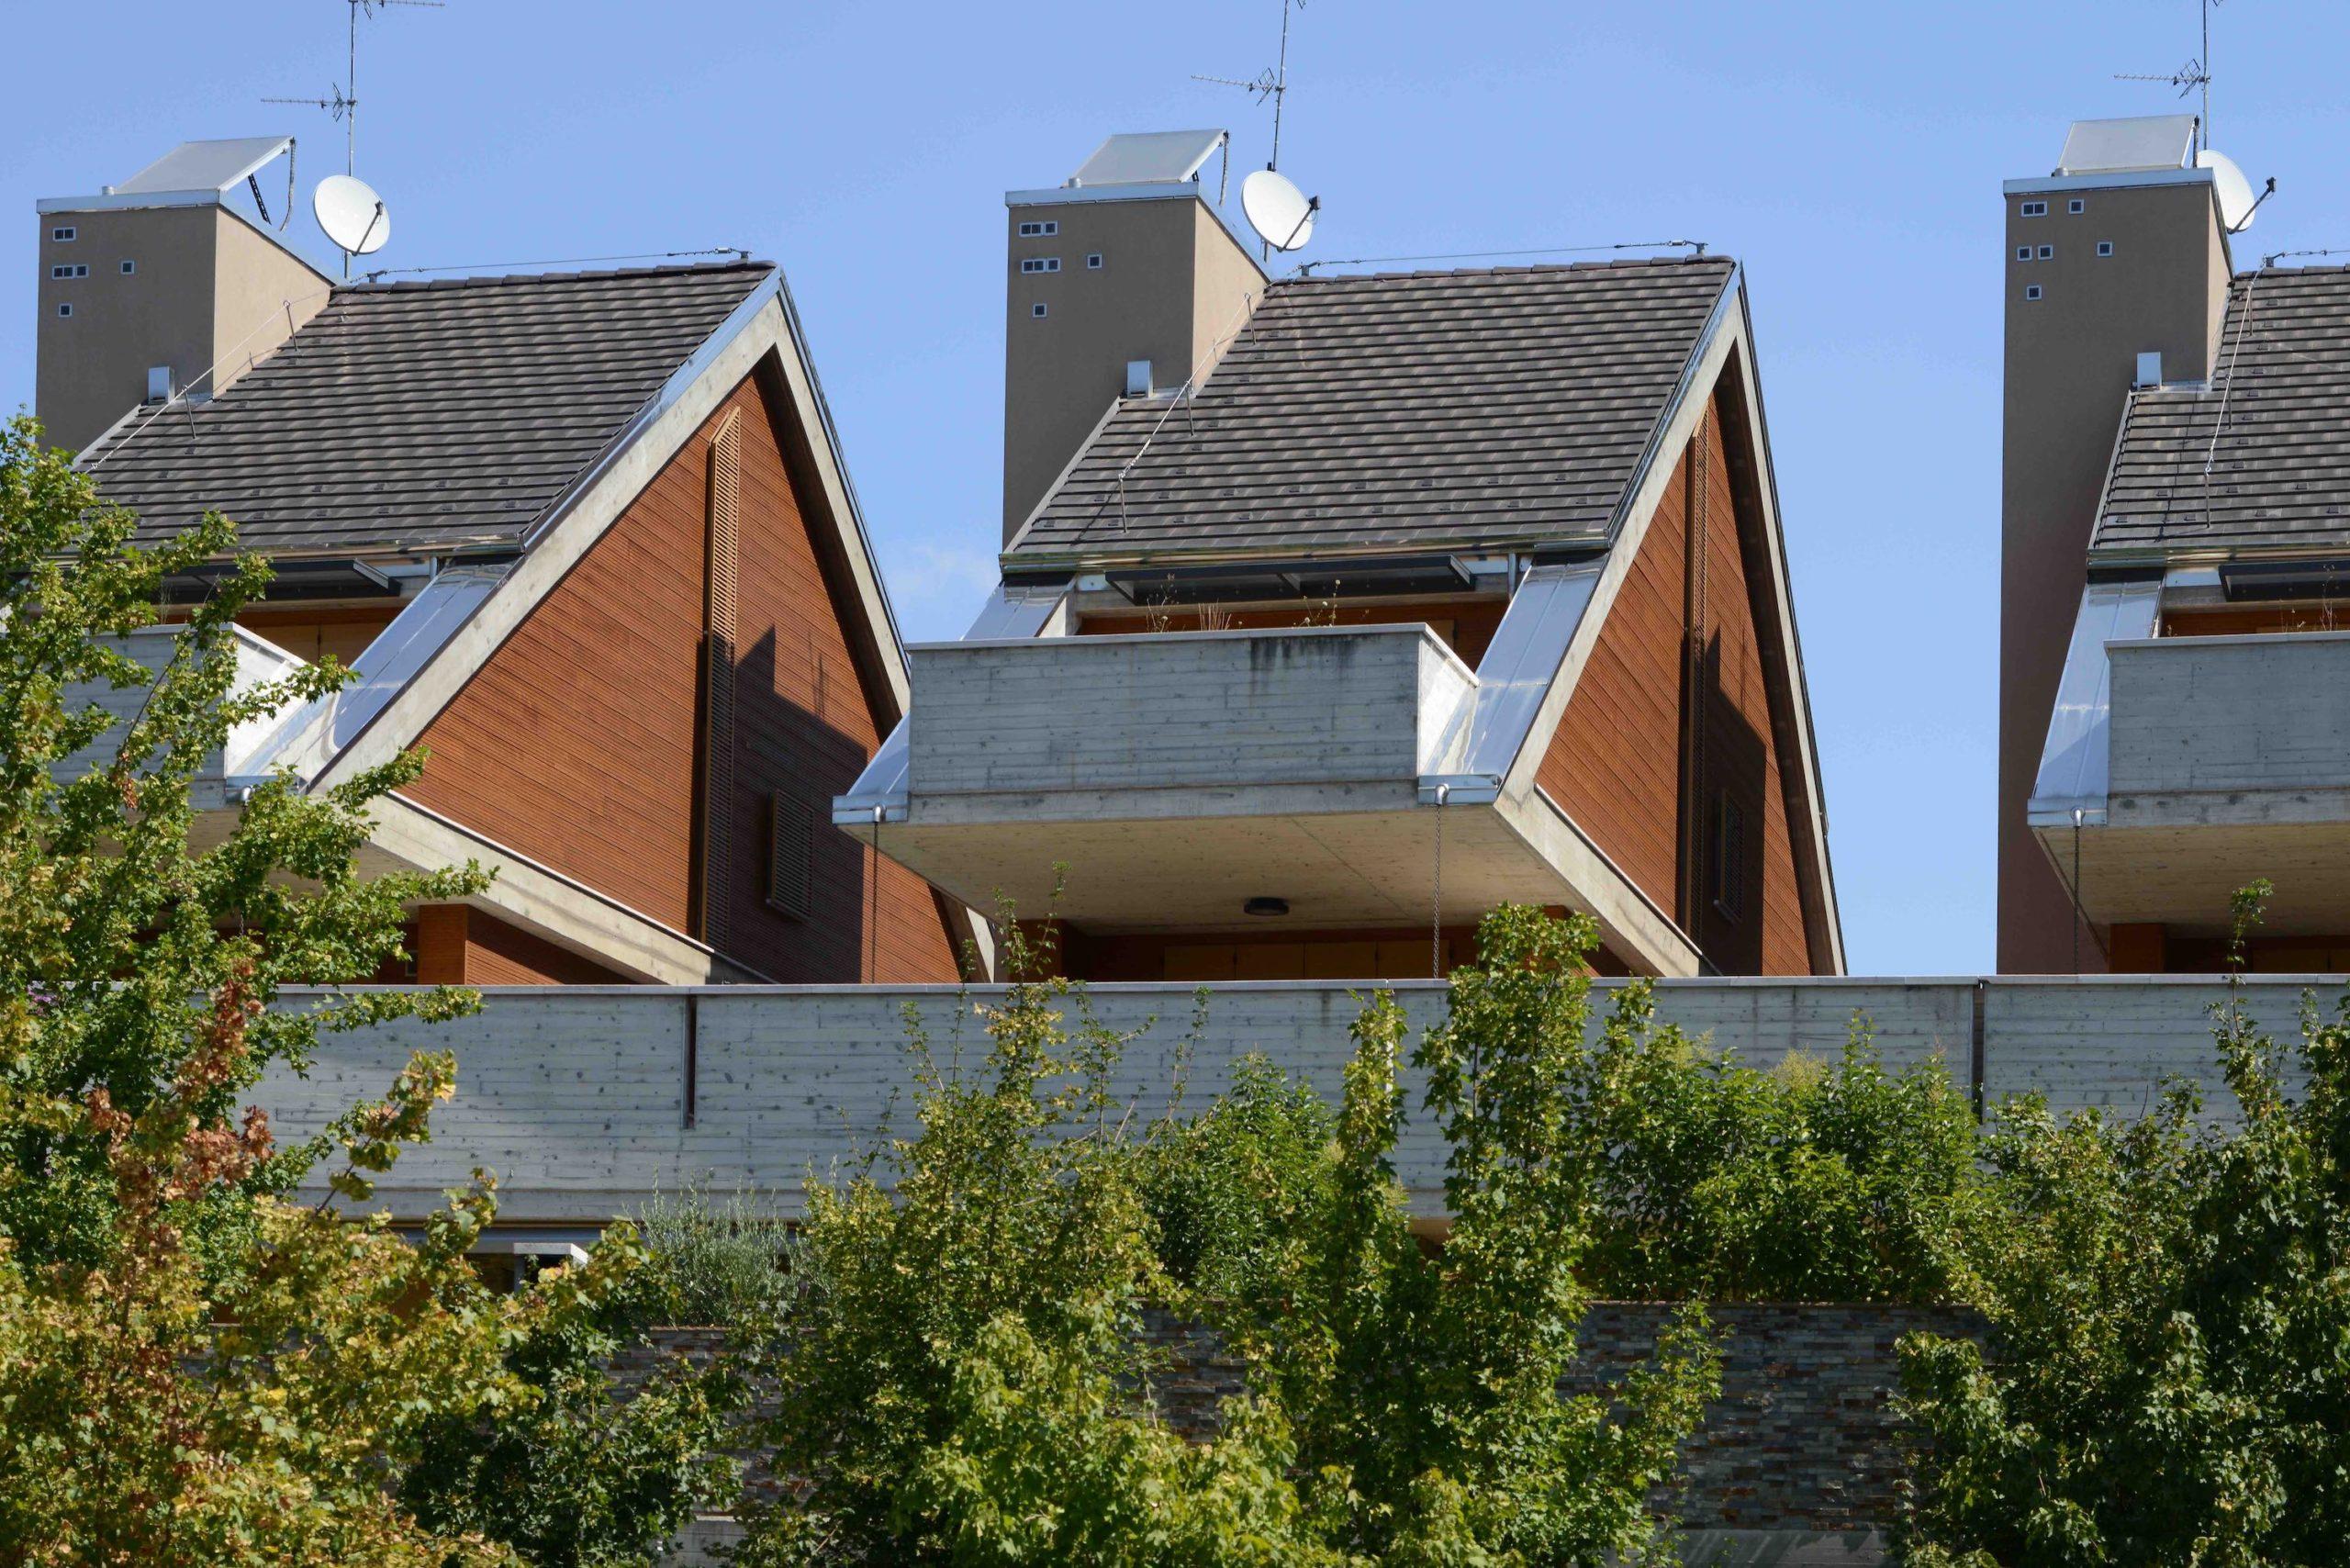 4885 Studio Bacchi Architetti 7Case